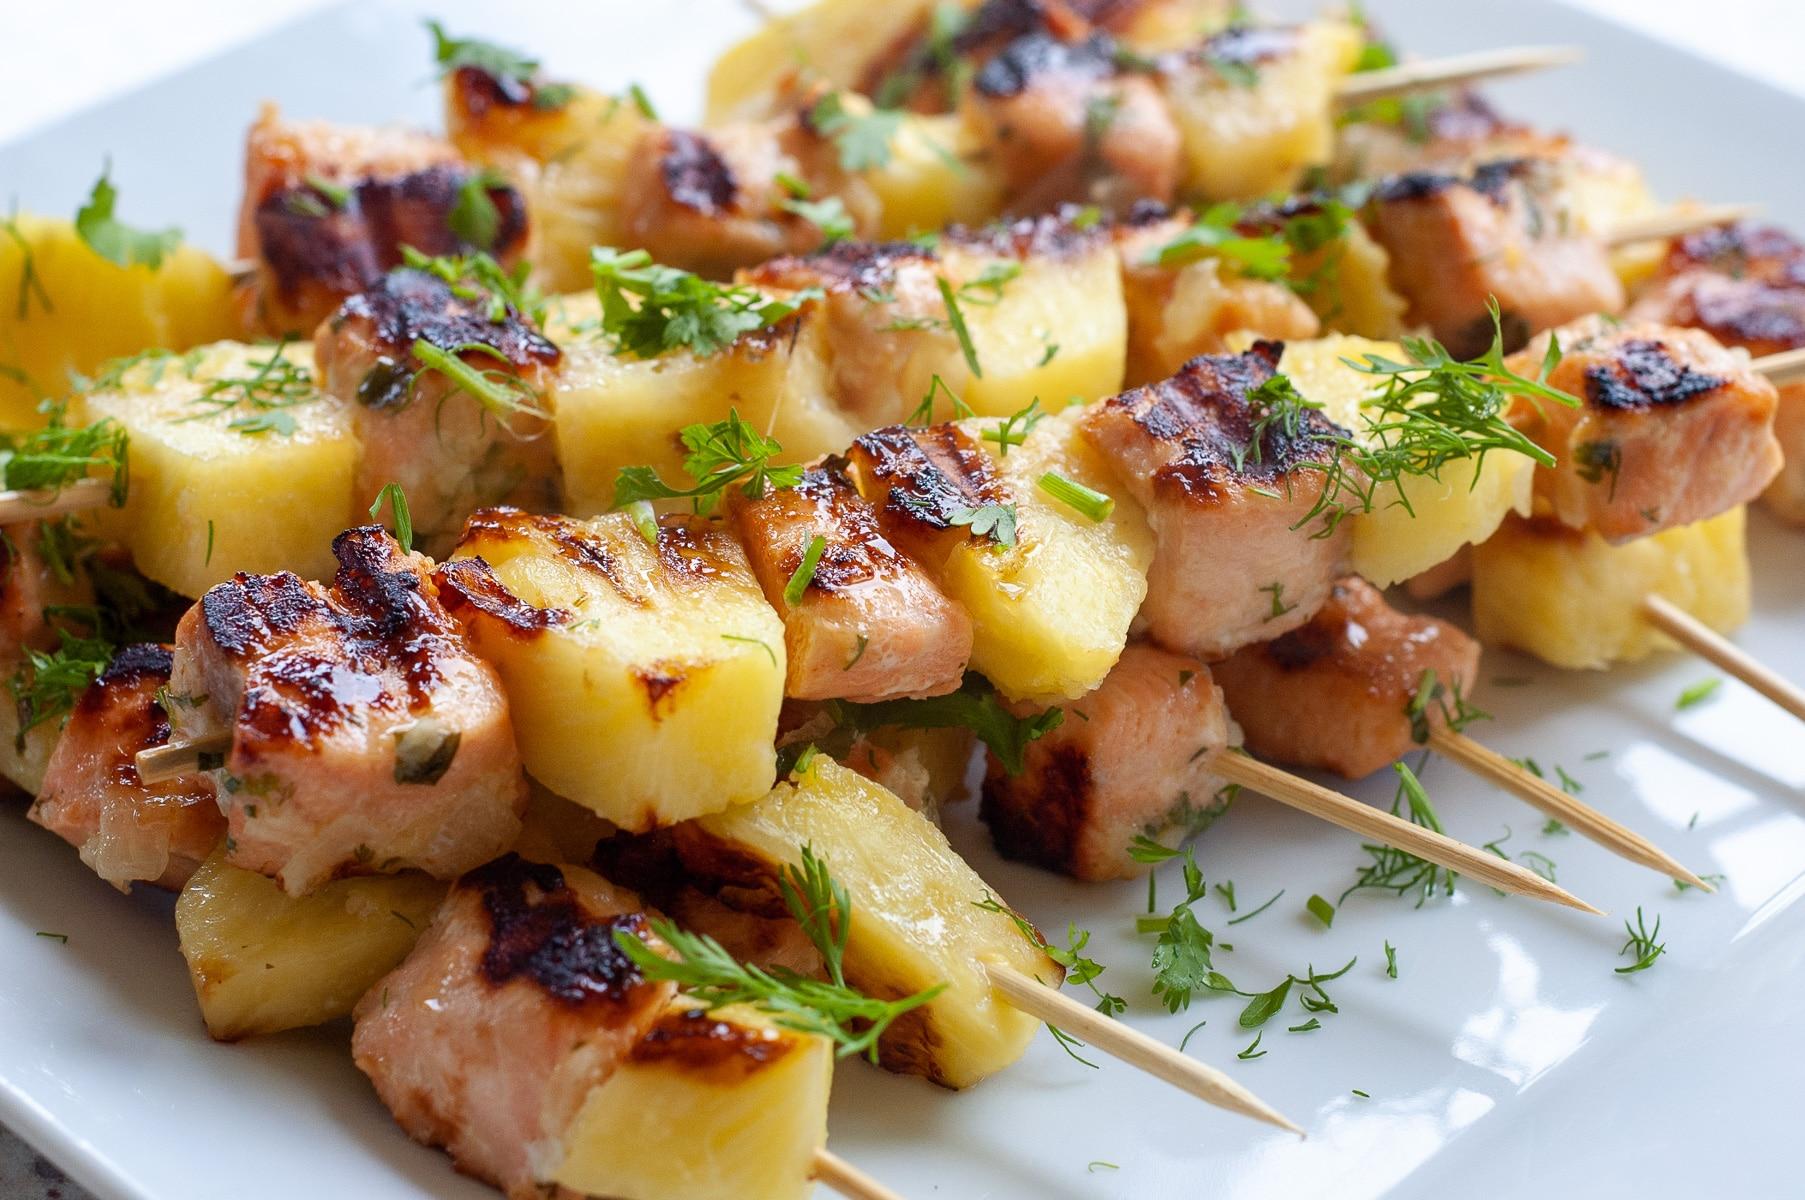 soczyste szaszłyki z łososiem i ananasem